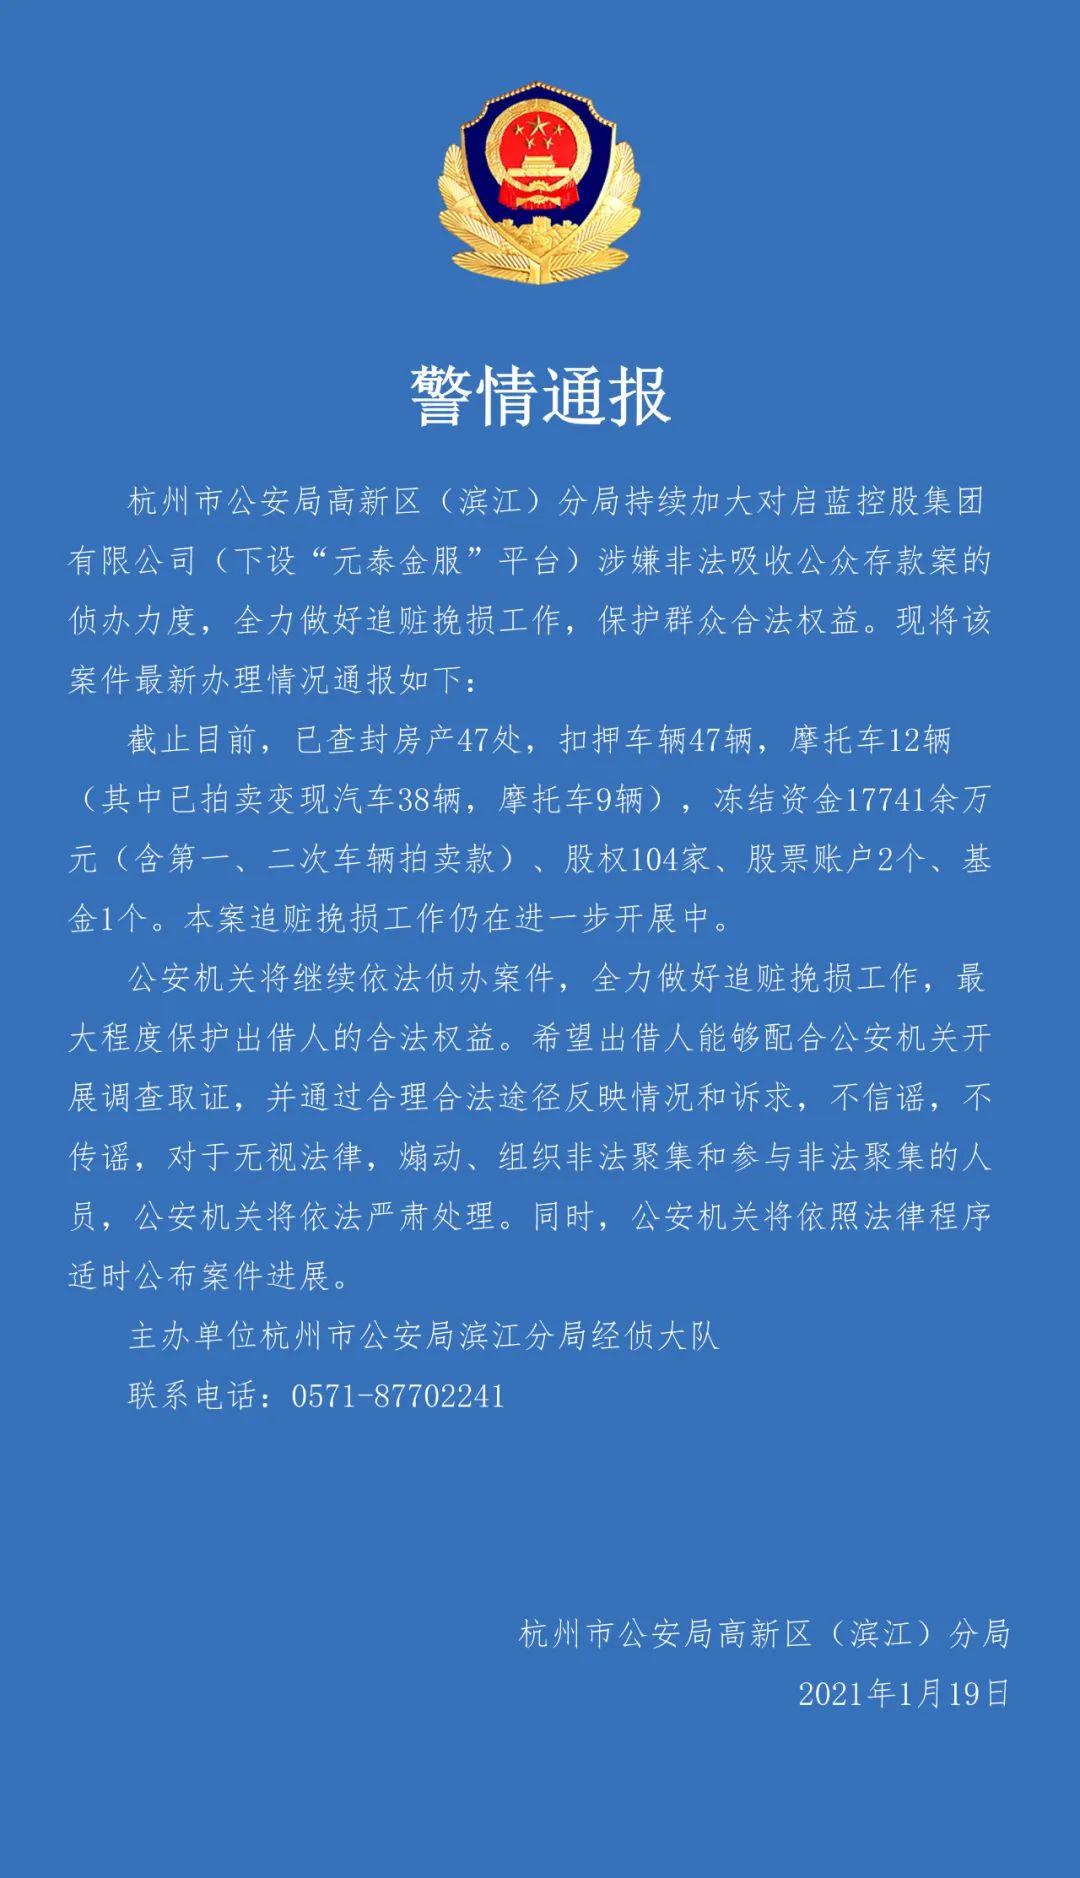 杭州元泰金服平台进展:已冻结1.77亿 查封47处房产